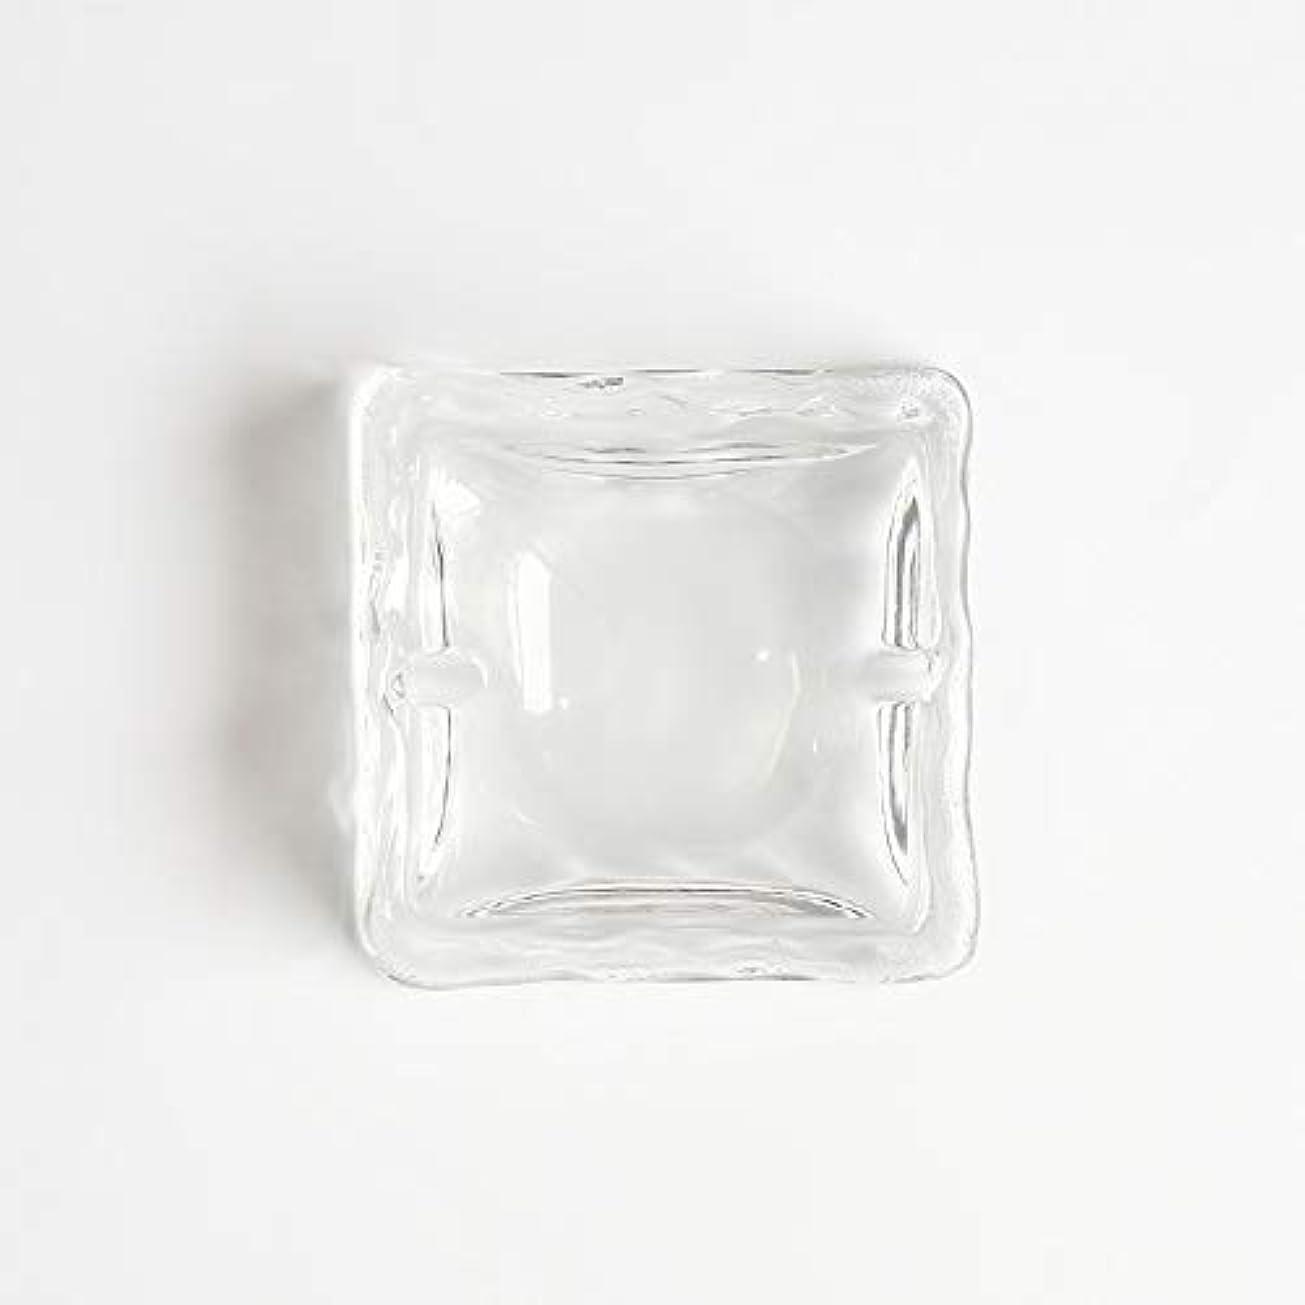 積分ウイルス政令クリエイティブ屋外セラミックス灰皿ホームオフィスの卓上美しい装飾工芸品 (色 : クリア)